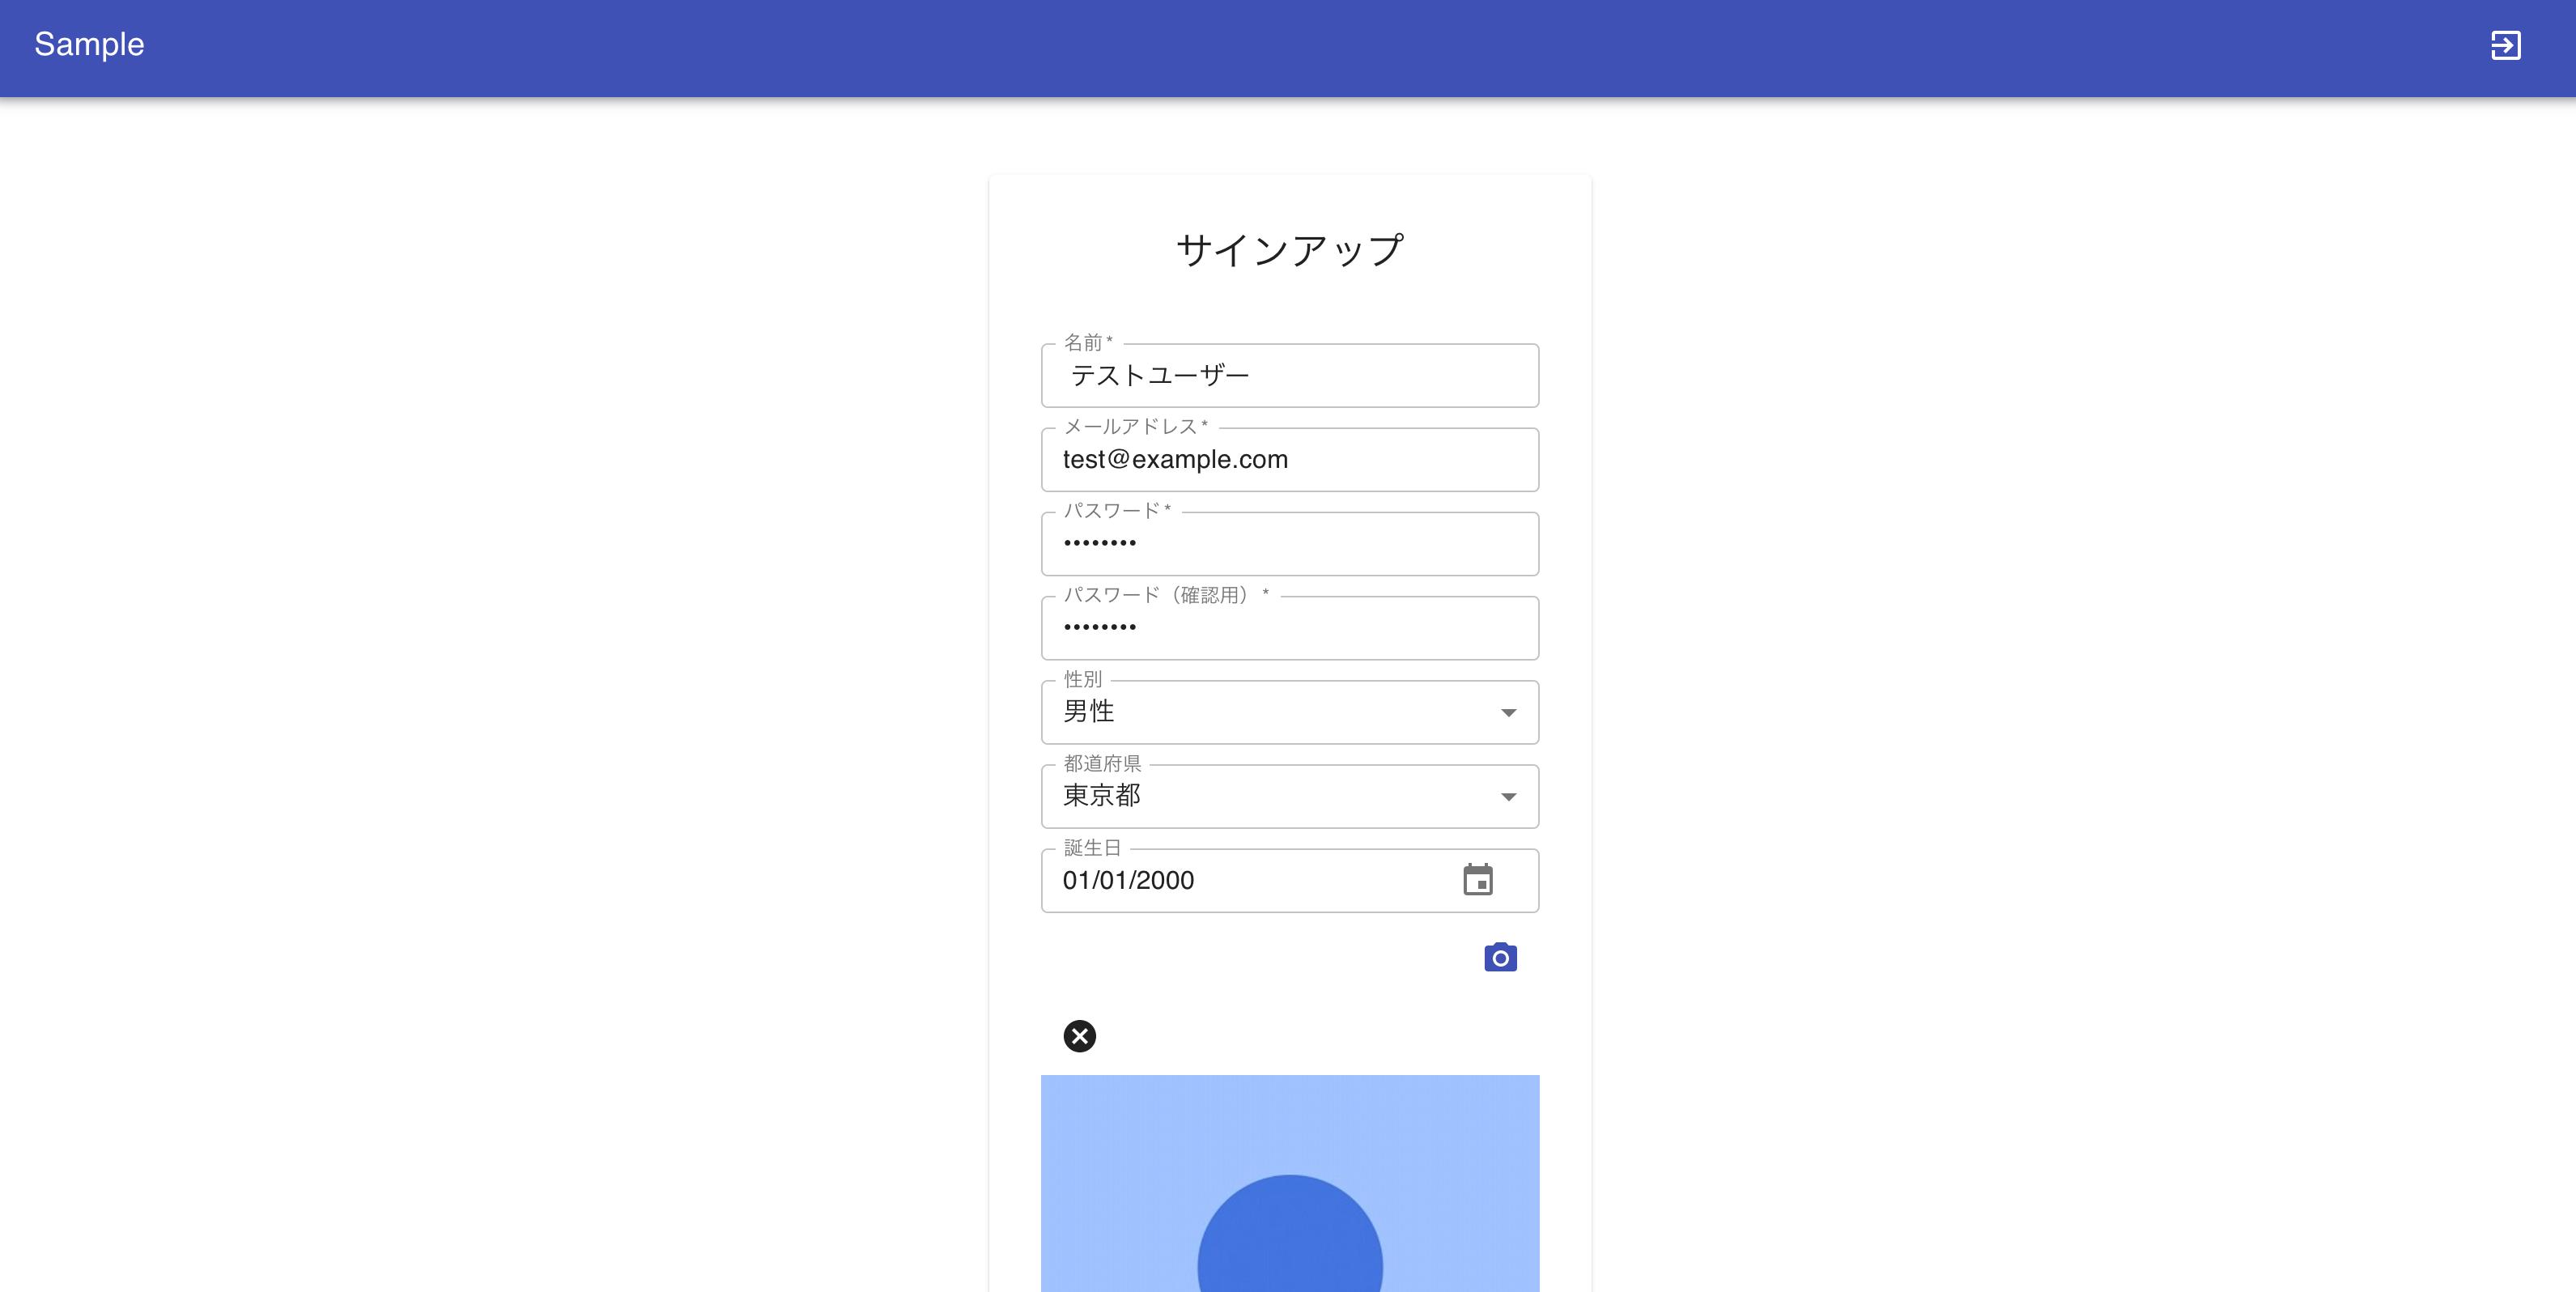 スクリーンショット 2021-06-10 1.31.01.png